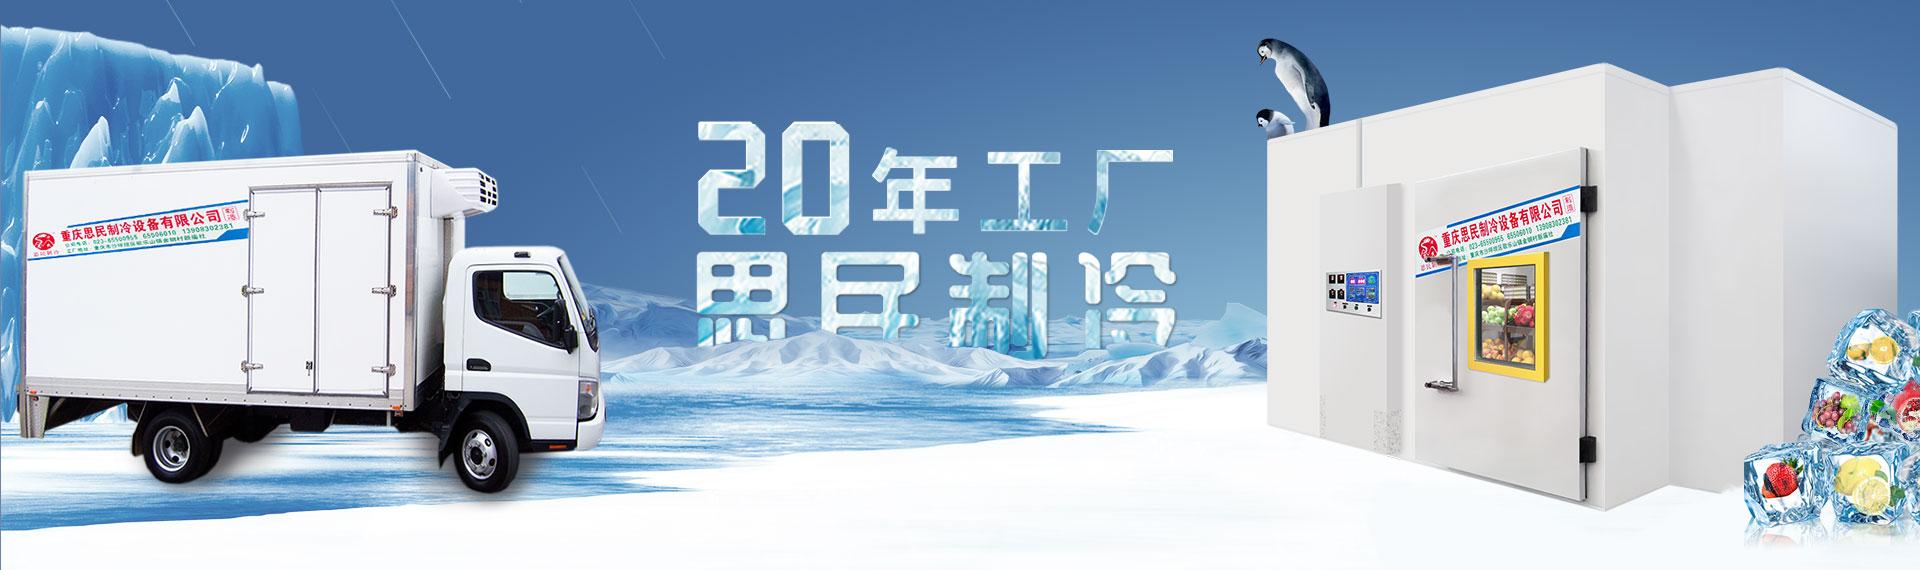 20年工厂思民制冷